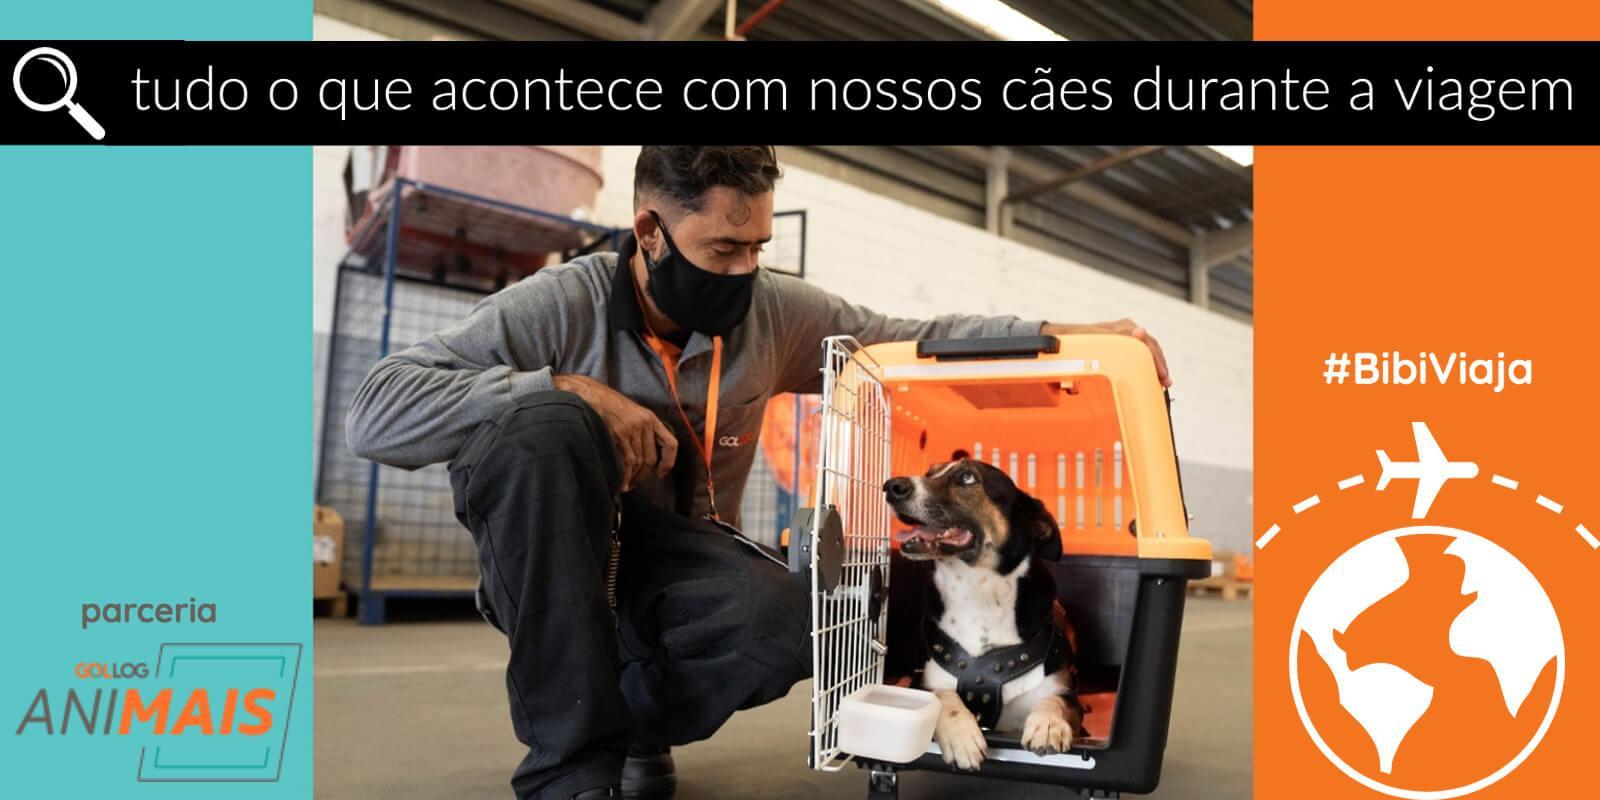 Perguntas e Respostas sobre tudo o que acontece com nossos cães durante a viagem de avião  #BibiViaja